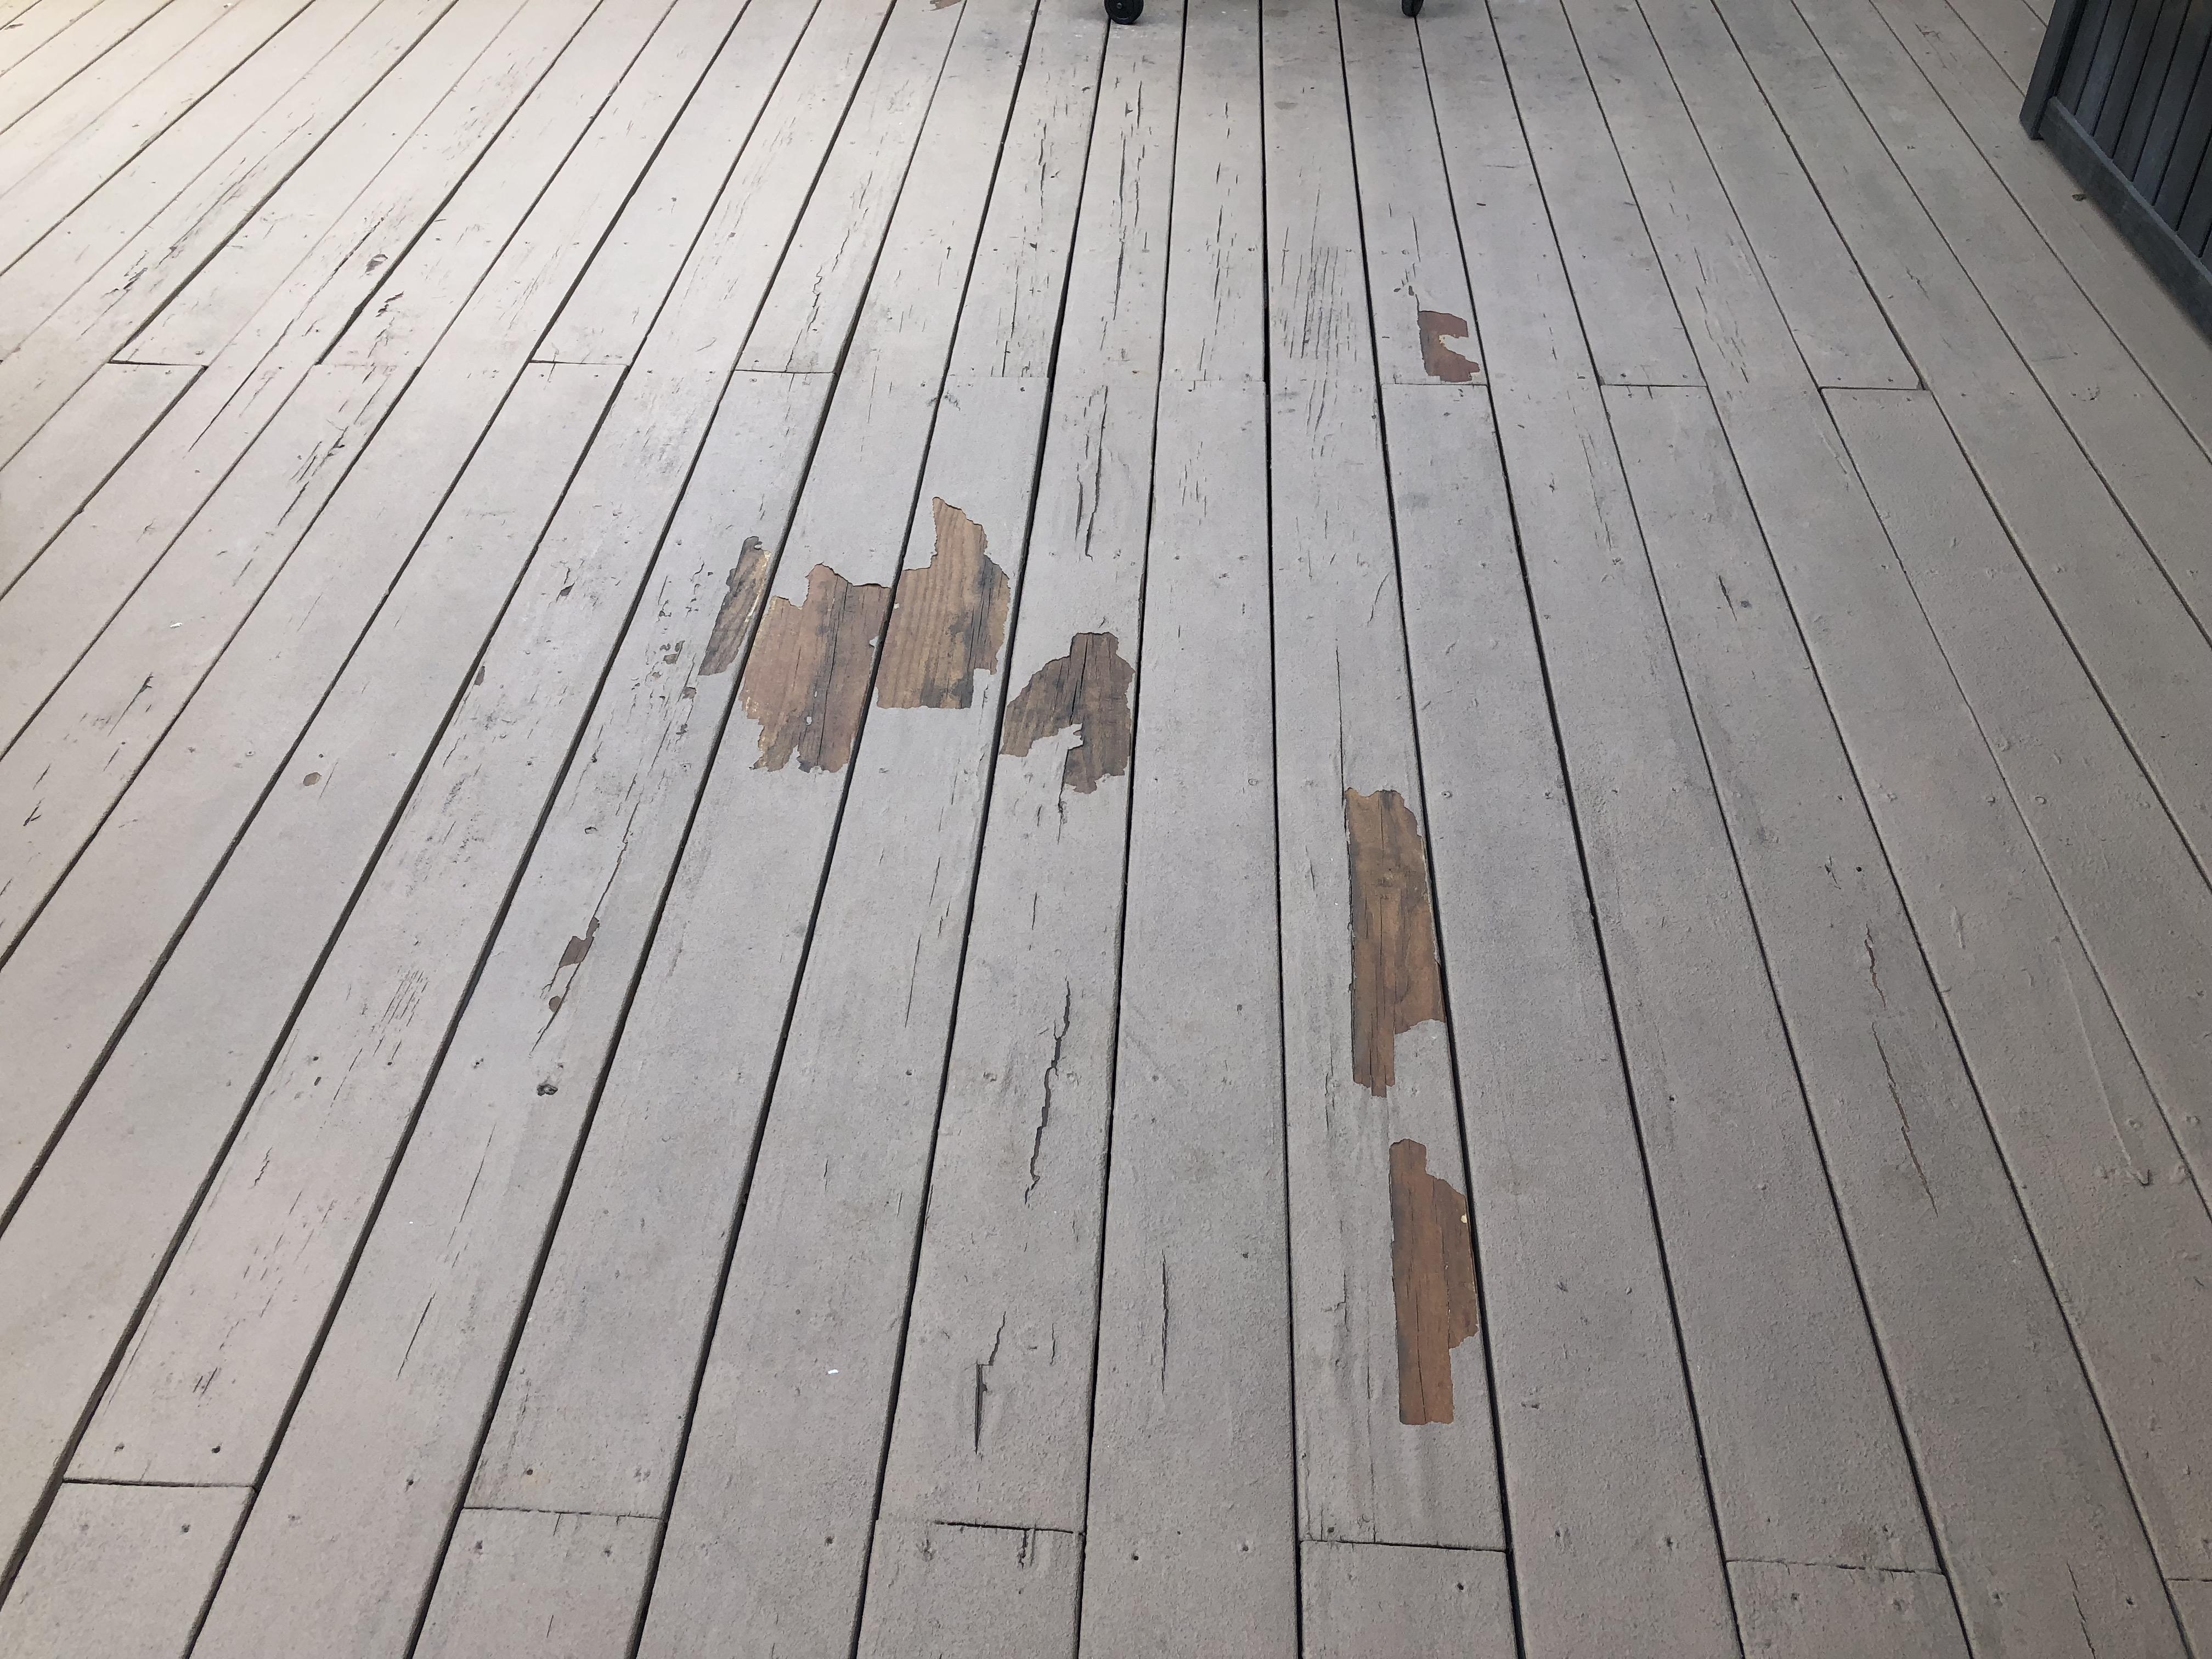 belt sander for stripping deck decks ideas. Black Bedroom Furniture Sets. Home Design Ideas